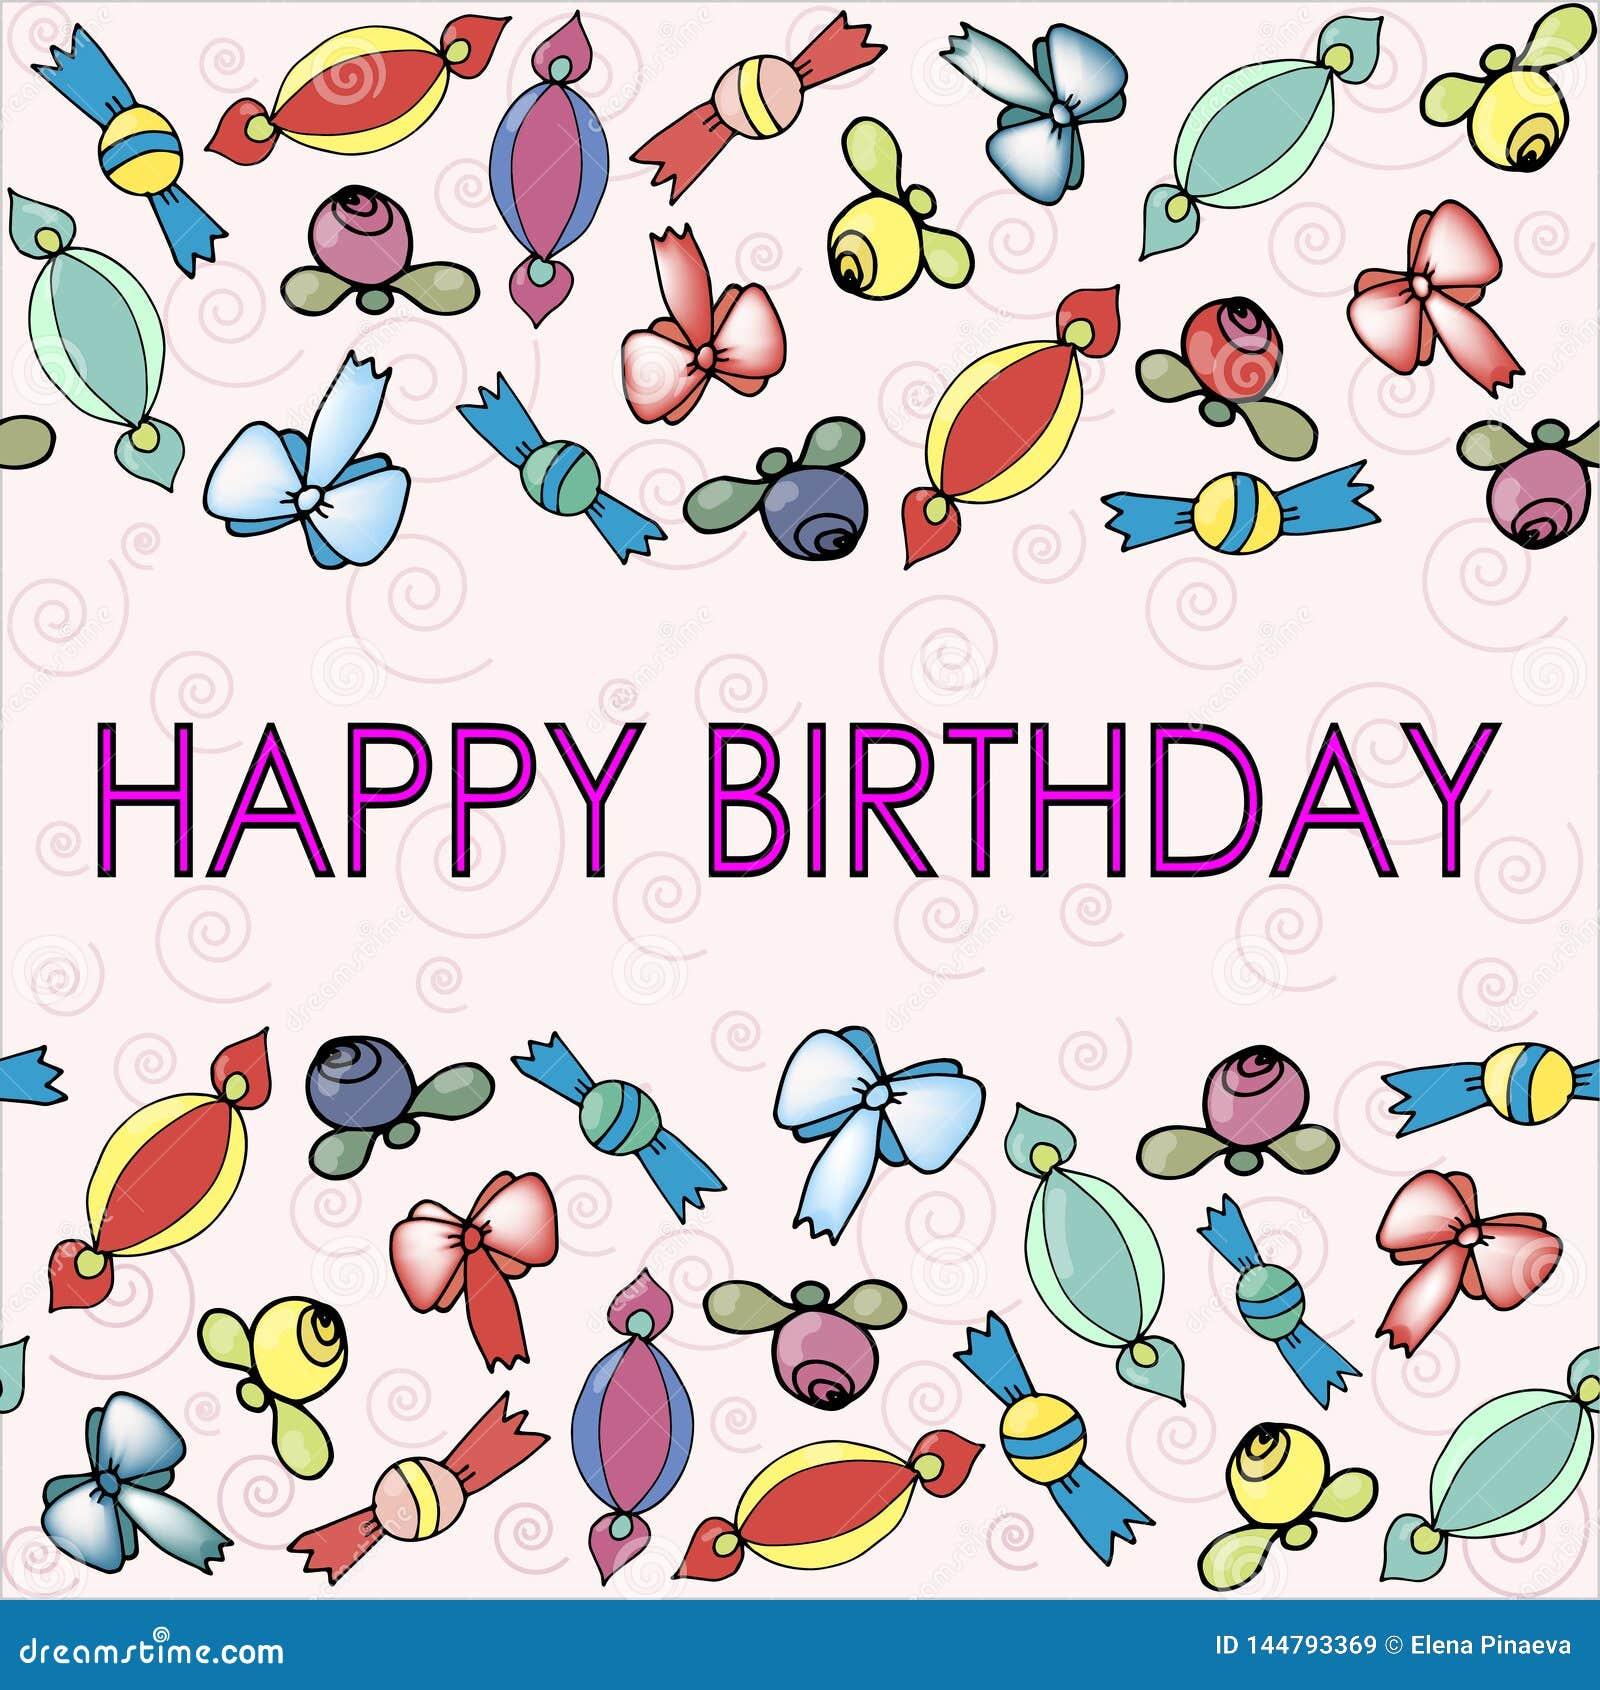 Testes padrões com curvas, bagas e doces para o aniversário